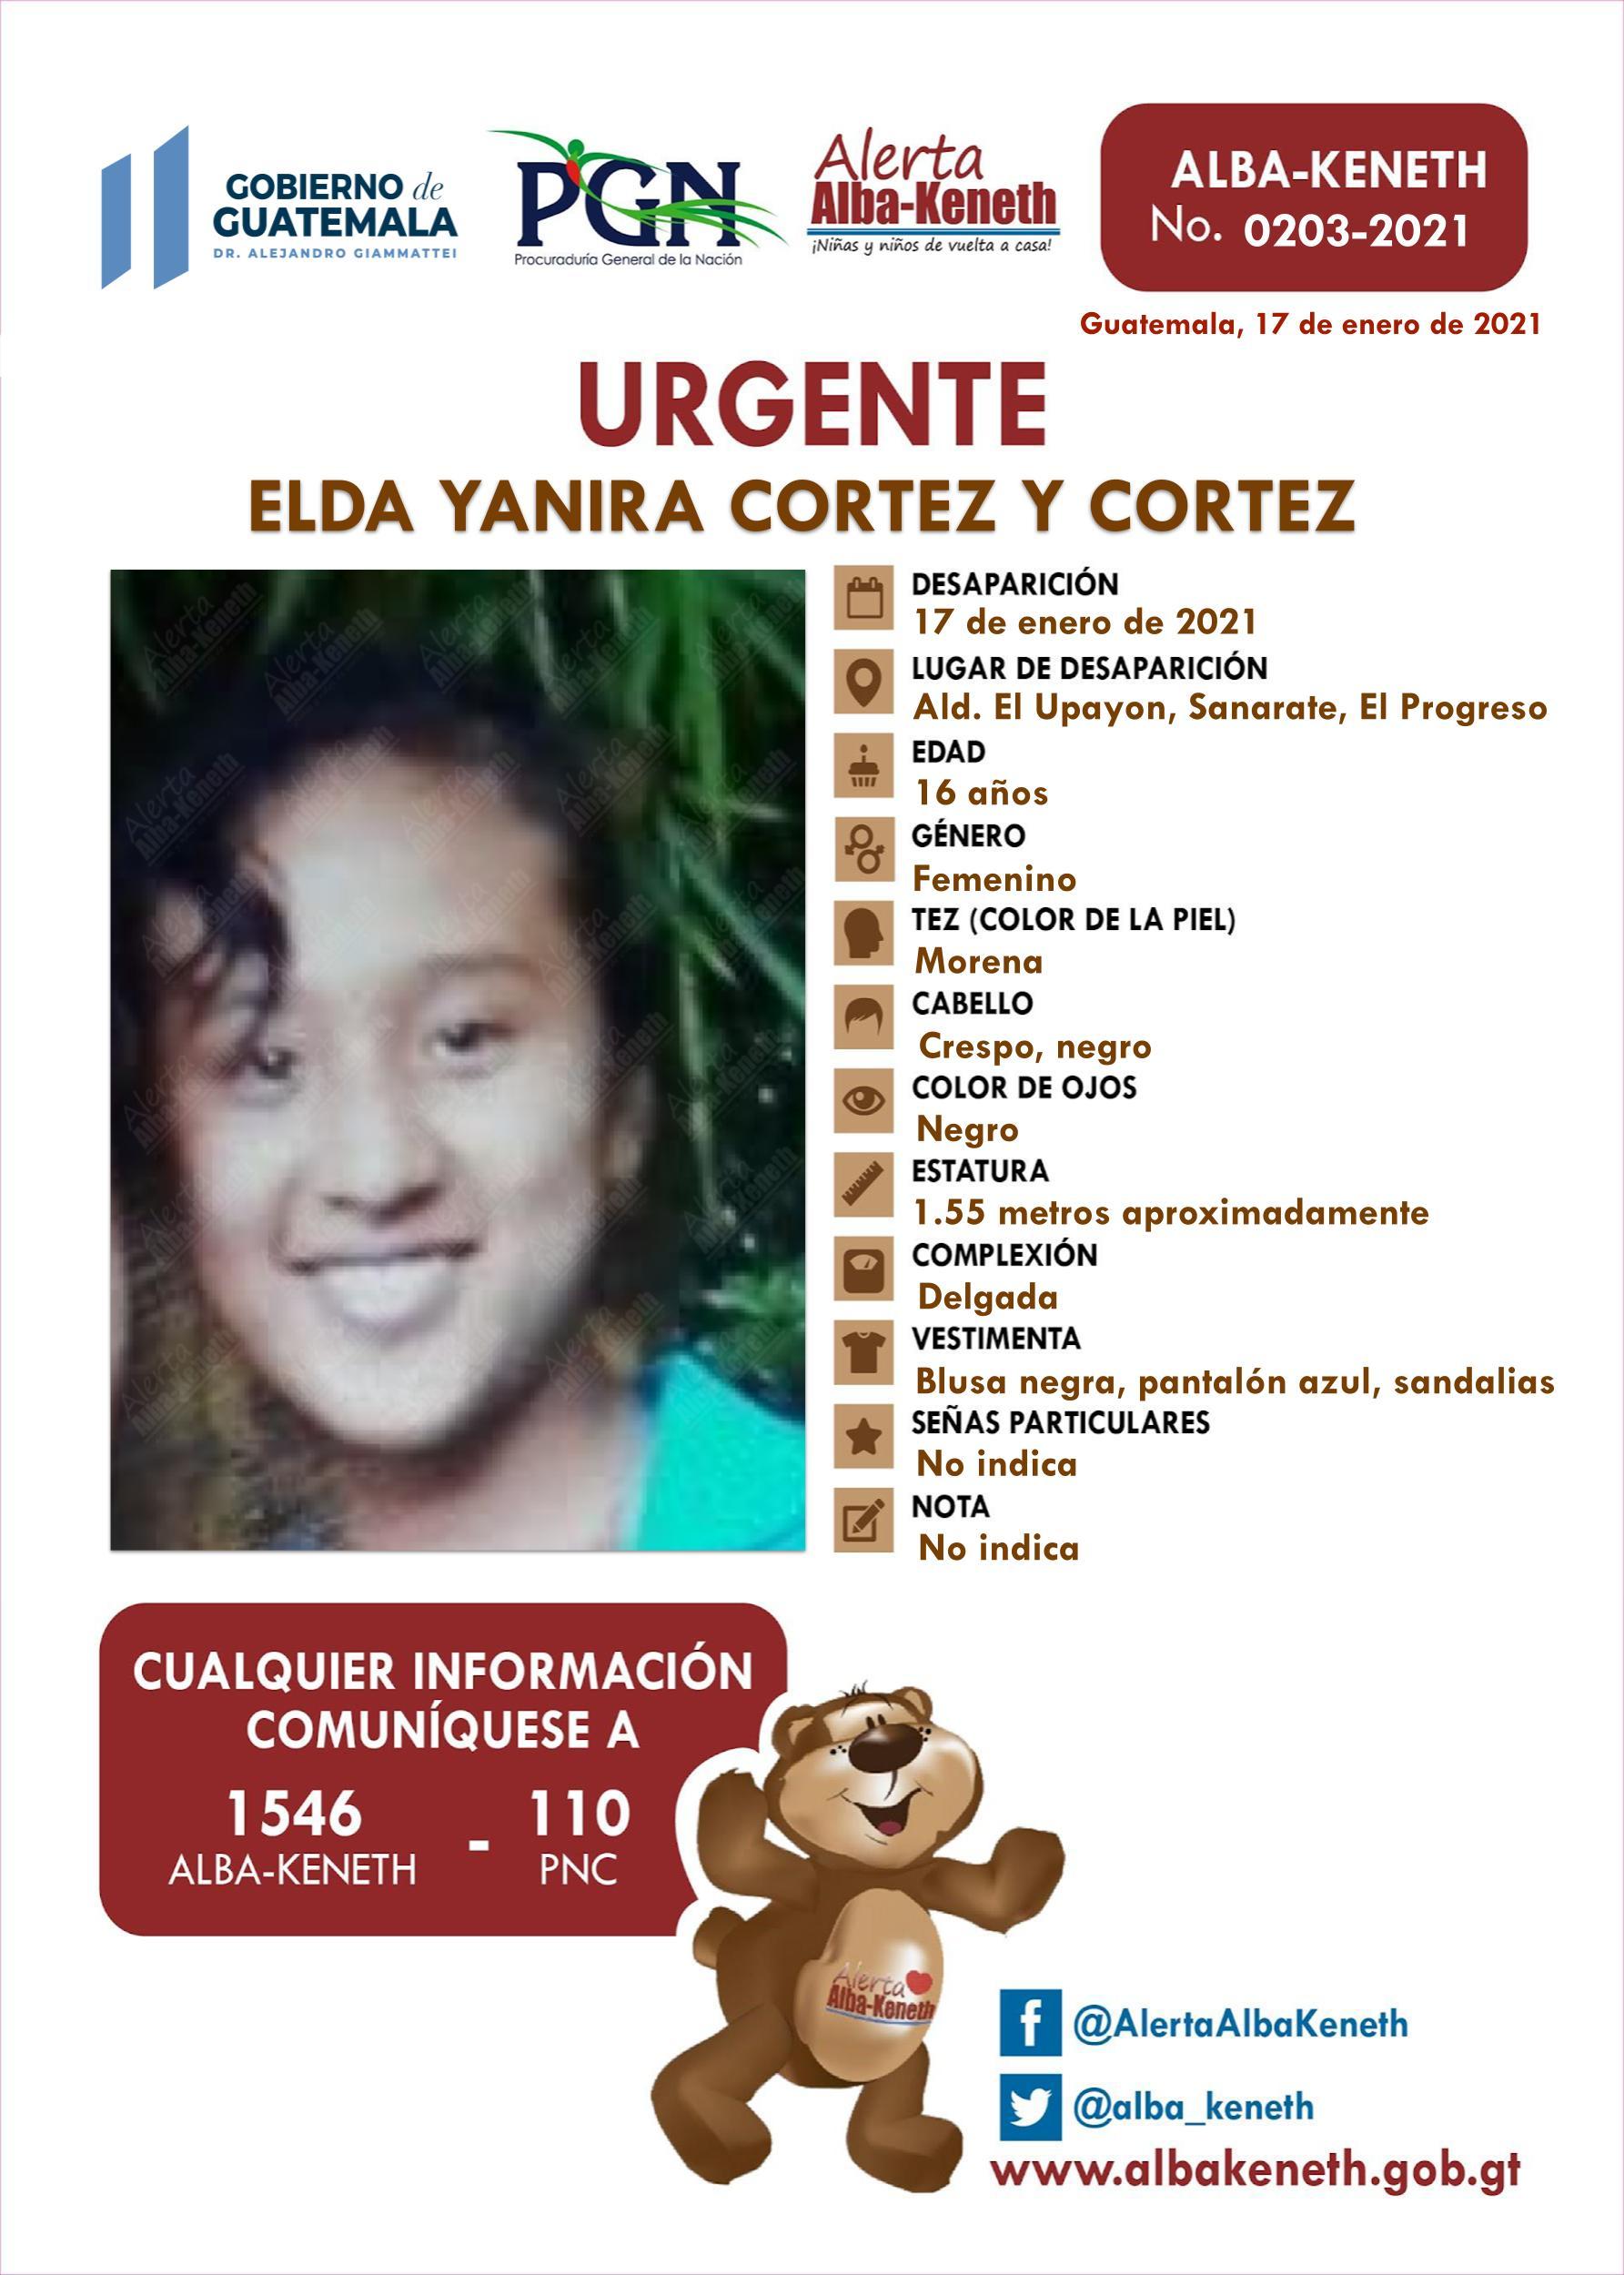 Elda Yanira Cortez y Cortez